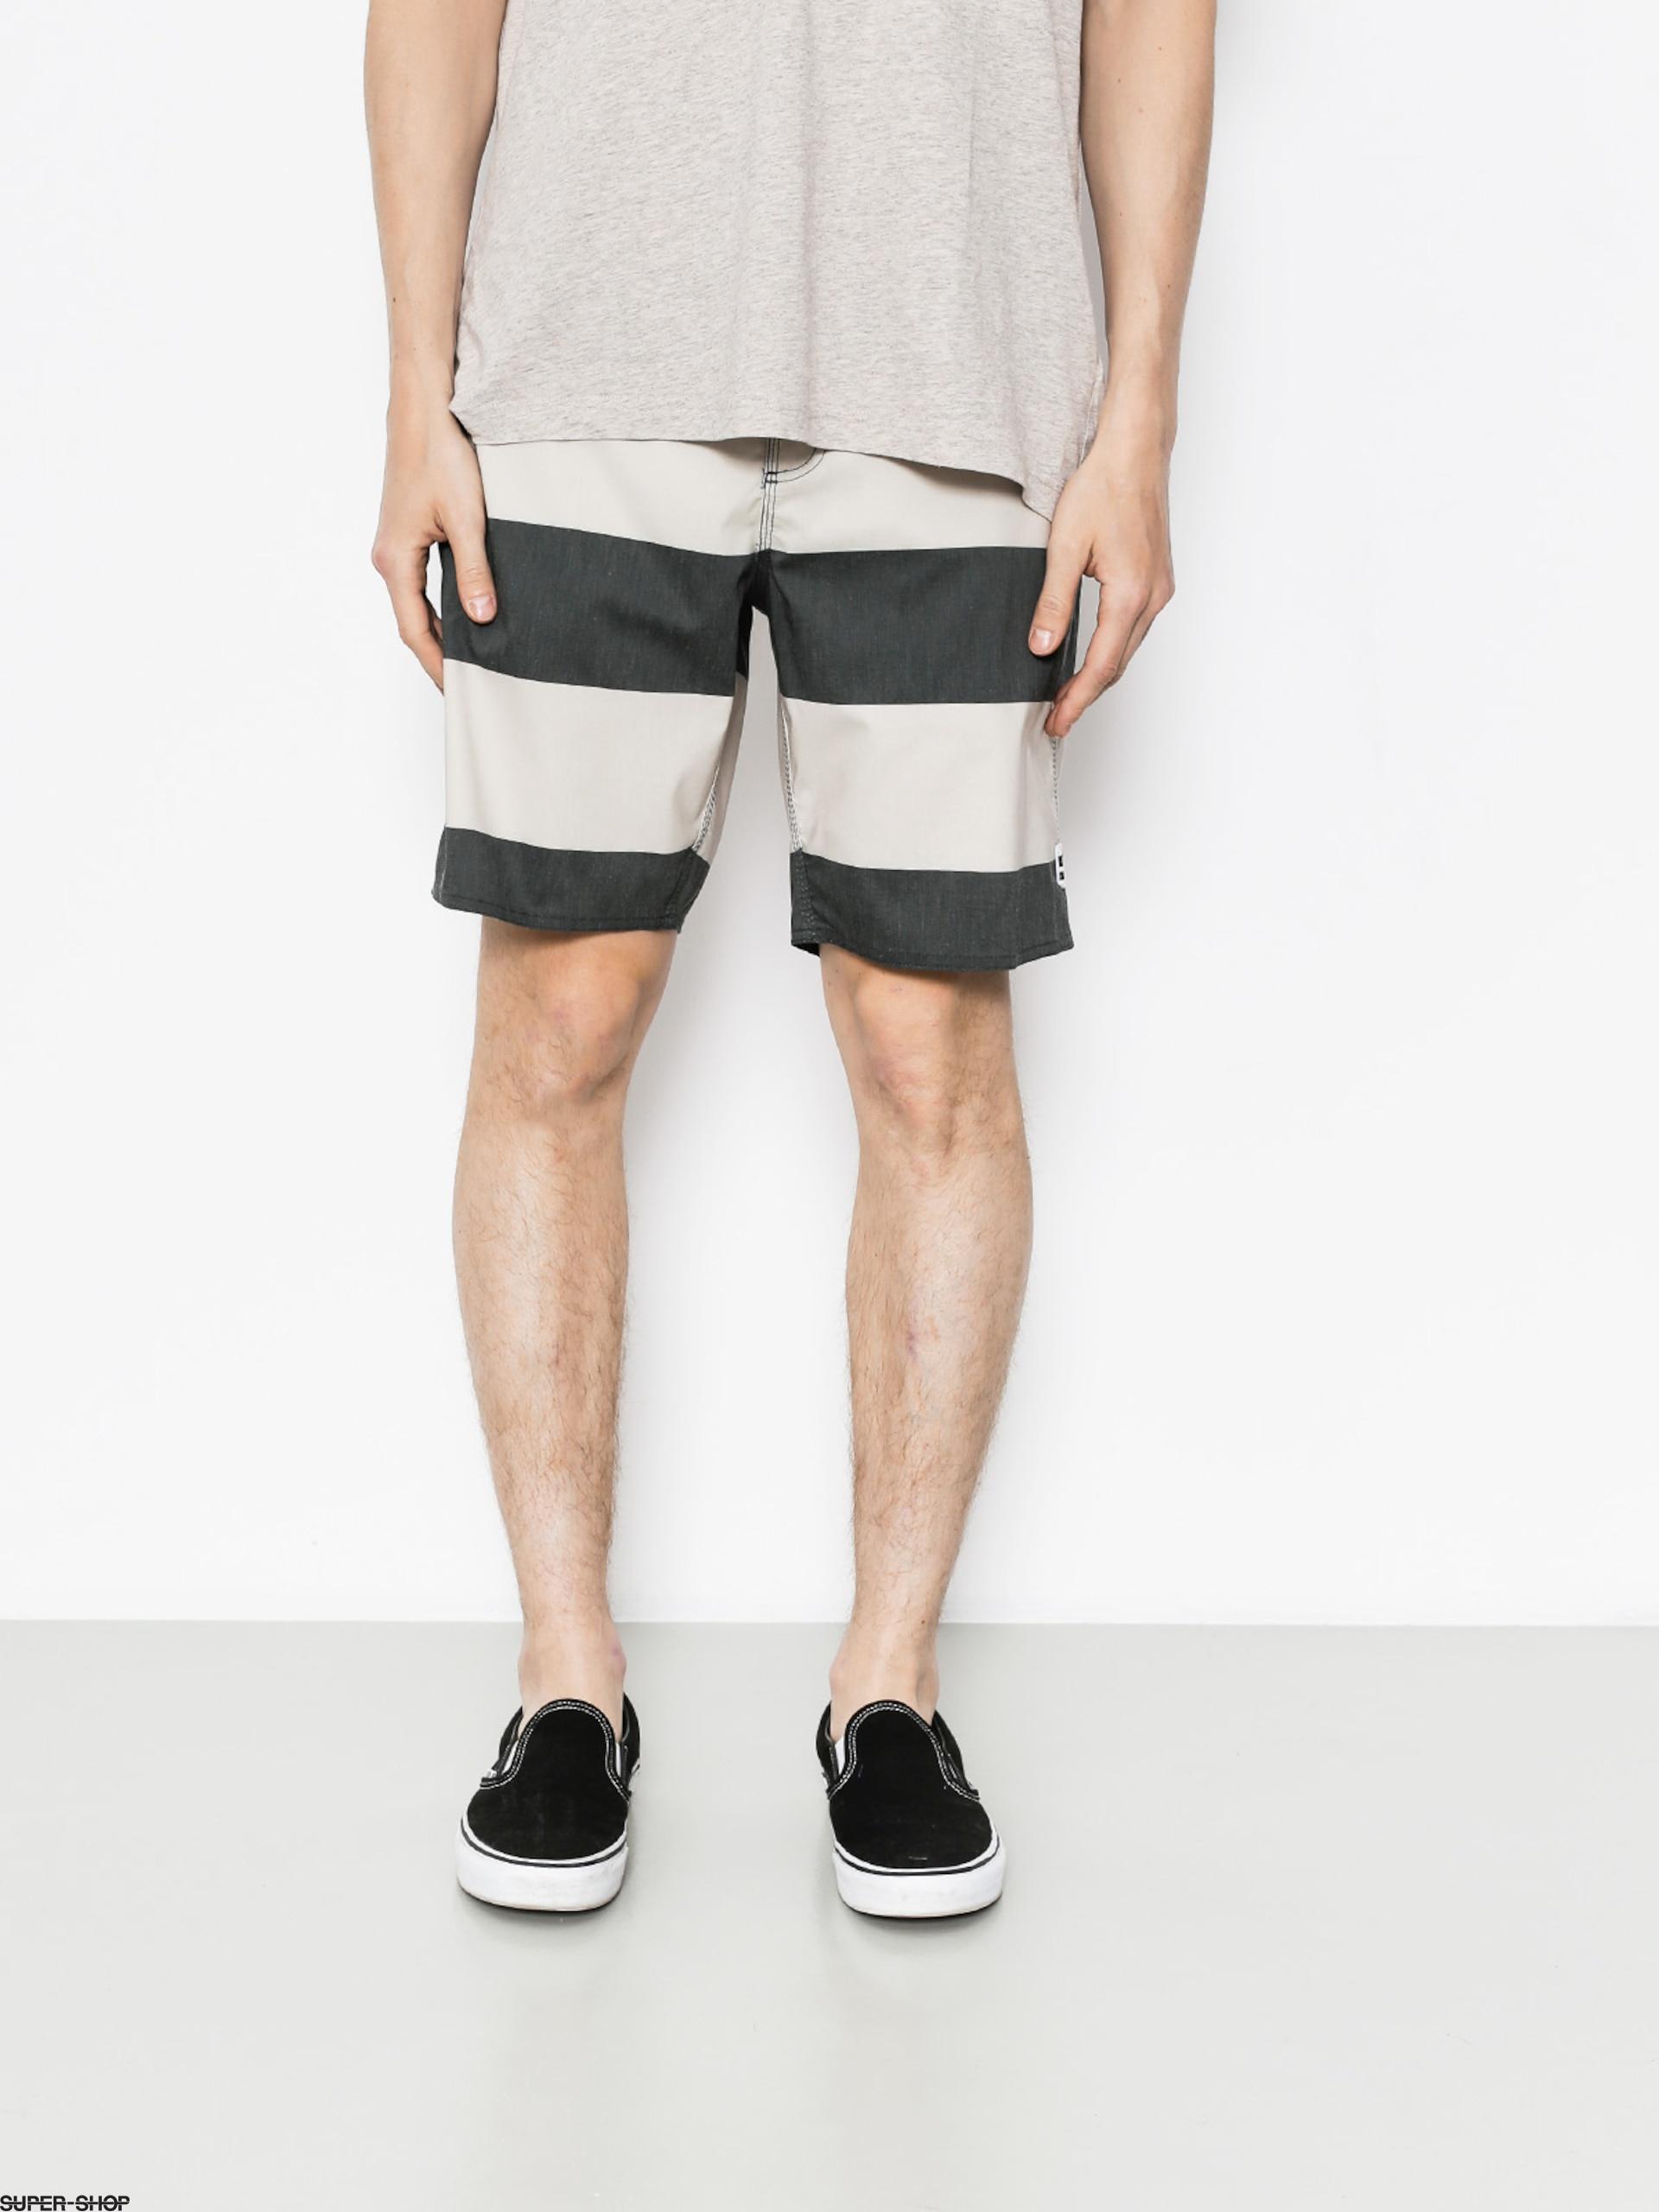 83e94dabdbb06 Brixton Shorts Boardshorty Barge Stripe Trunk (washed black/bone)